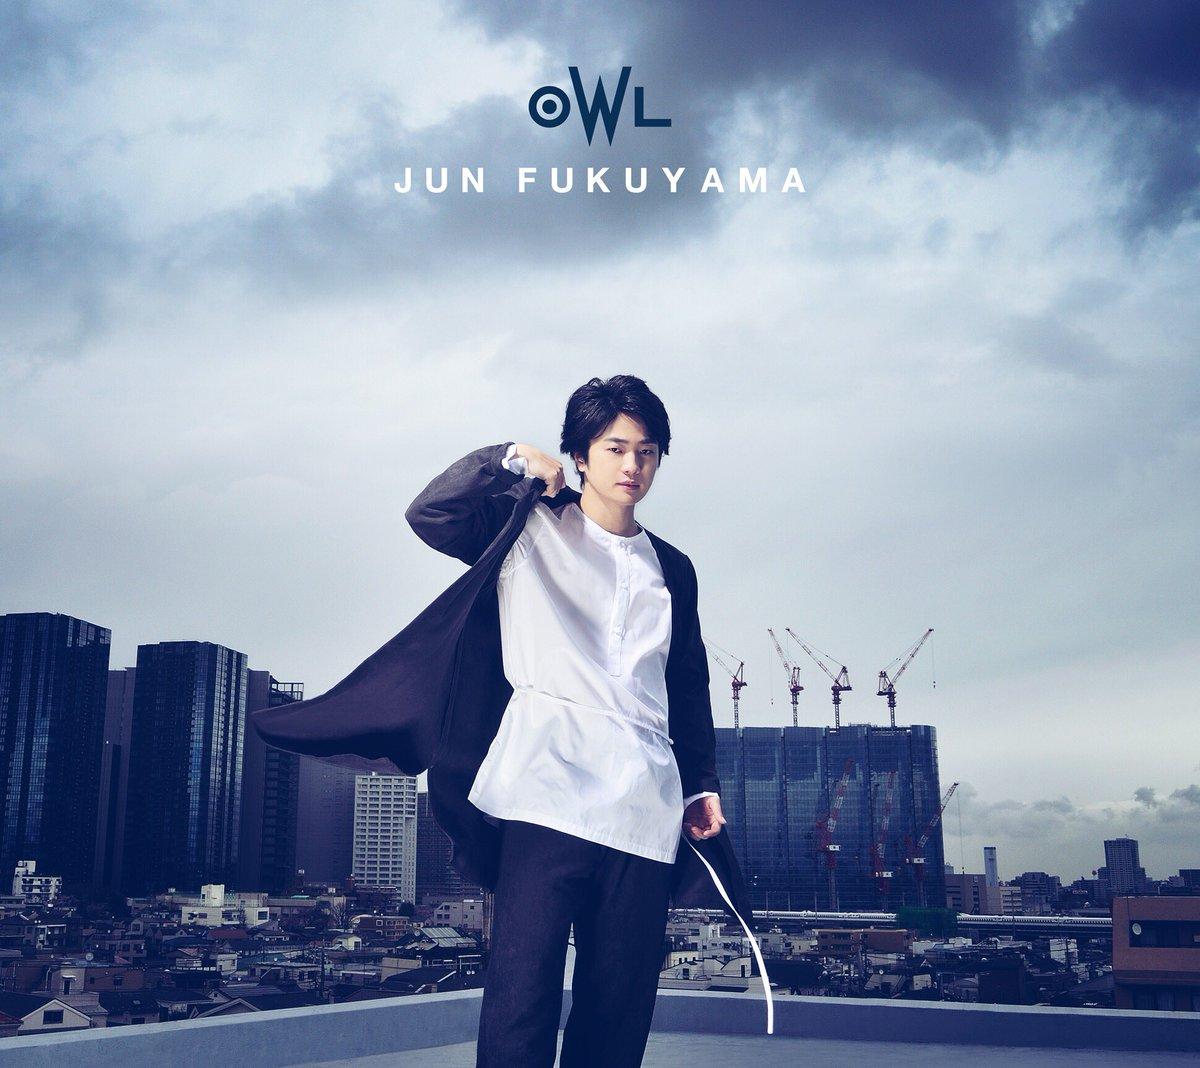 【ジャケット写真公開!】6月21日発売のニューアルバム「OWL」のジャケット写真が公開されました! 加えましてアイコンも新アー写に変更となりました! #OWL